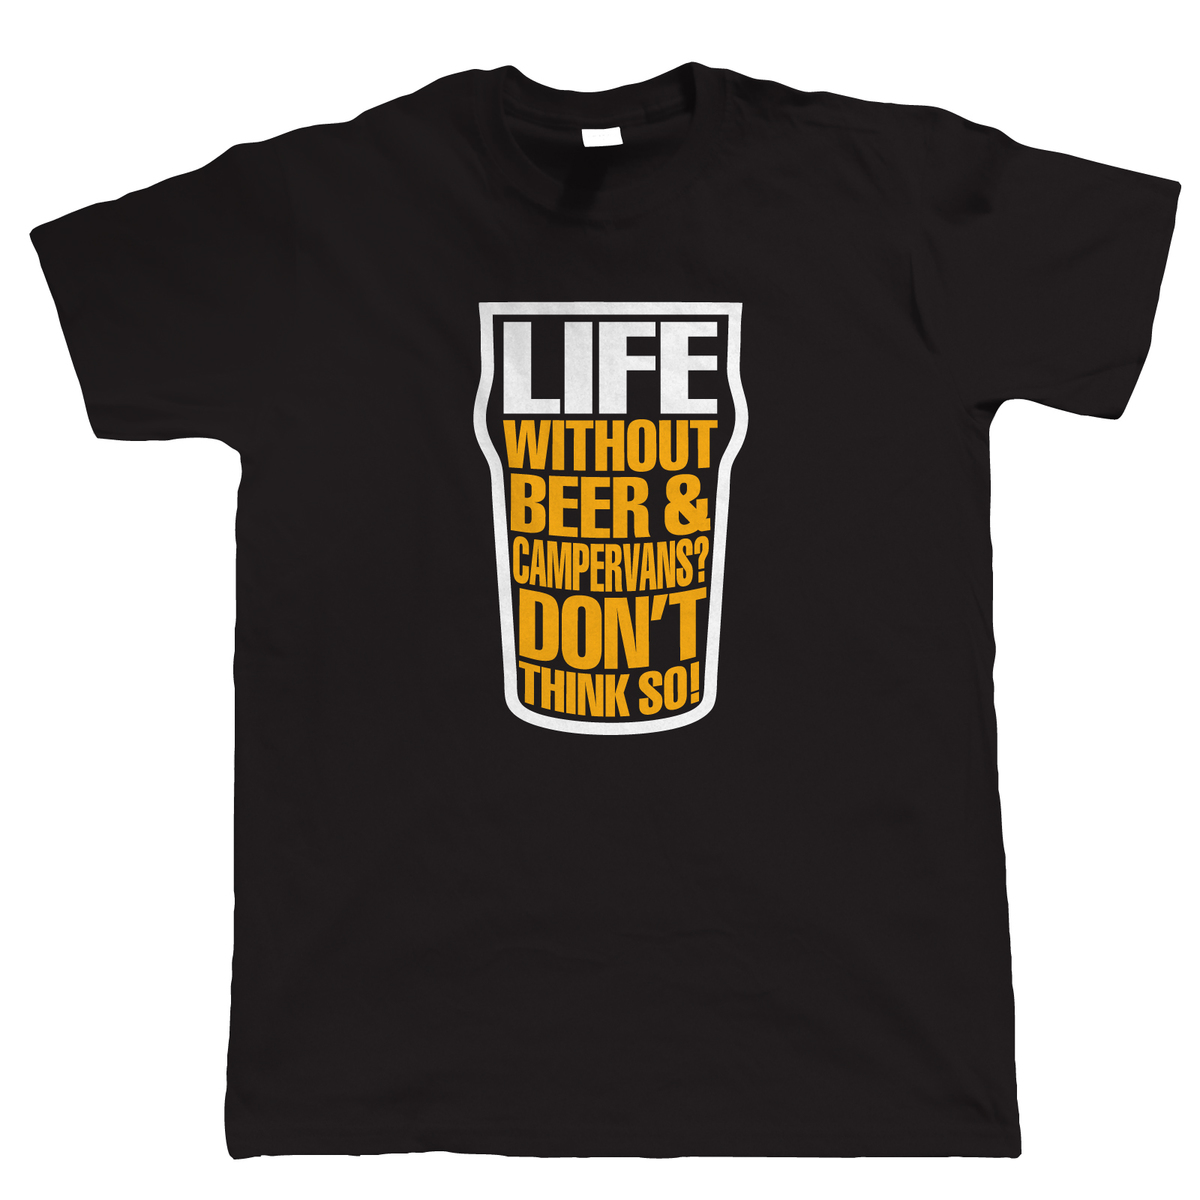 la vida sin CERVEZA Y autocaravanas, Camiseta hombre, T25 pantalla dividida